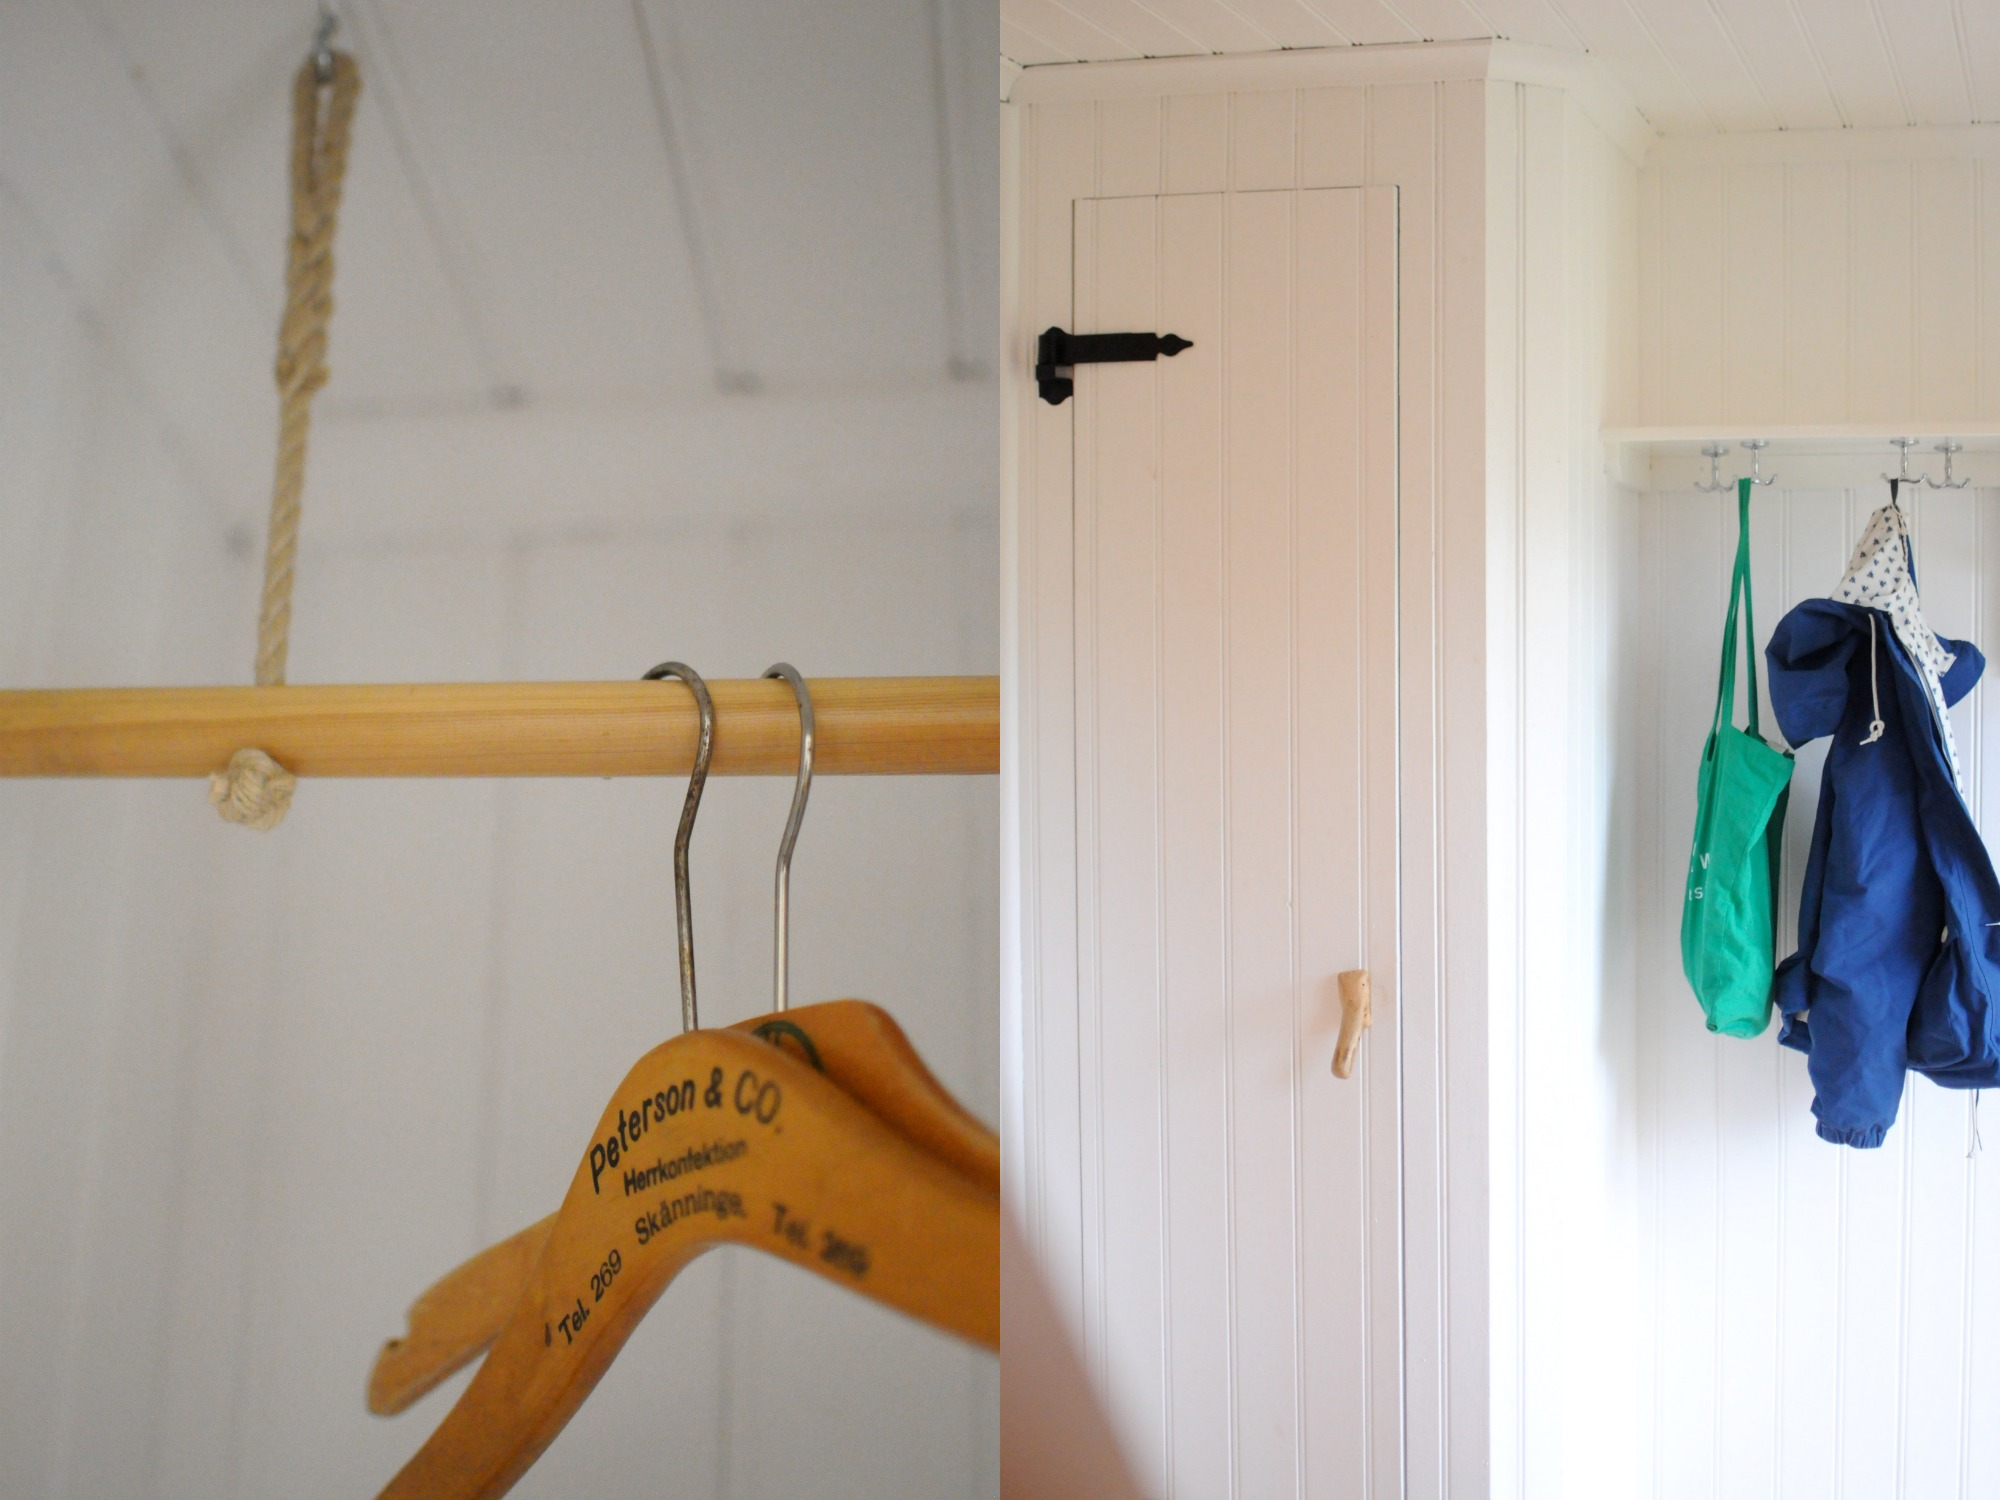 swedish cottage rope hanger closet vintage hangers